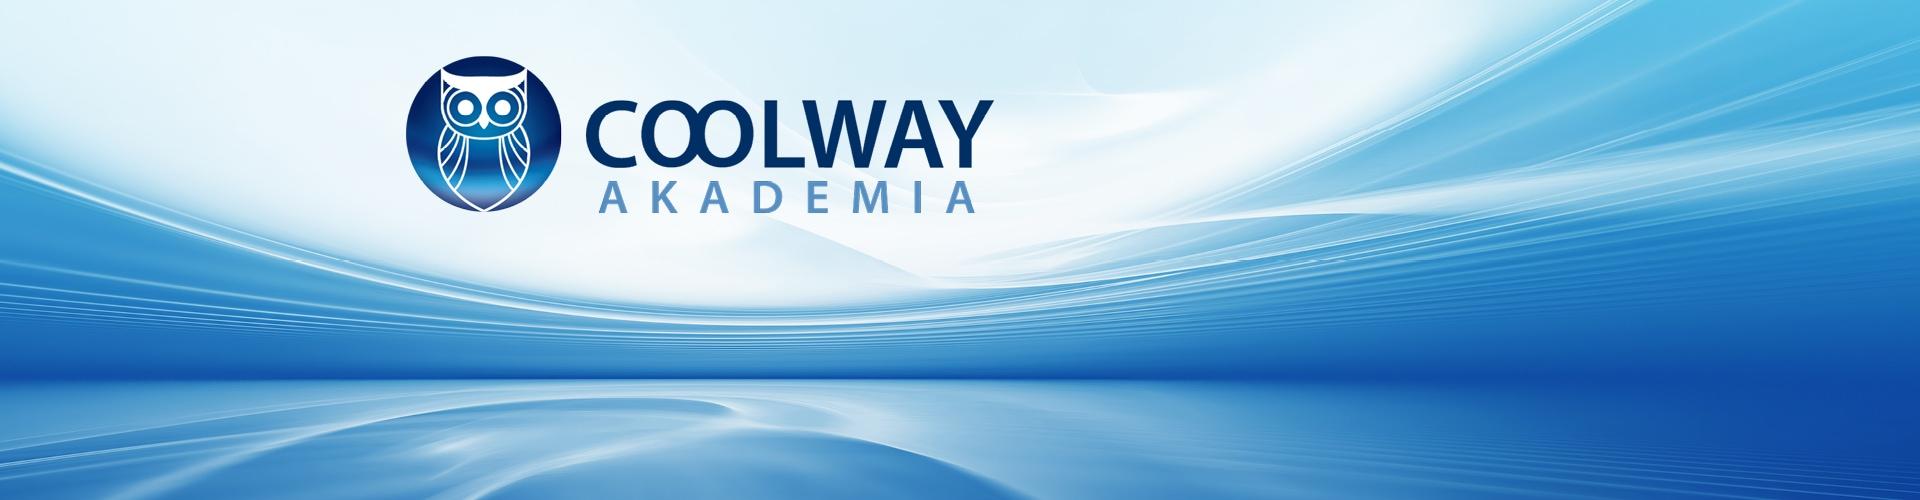 akademina-coolway-colway